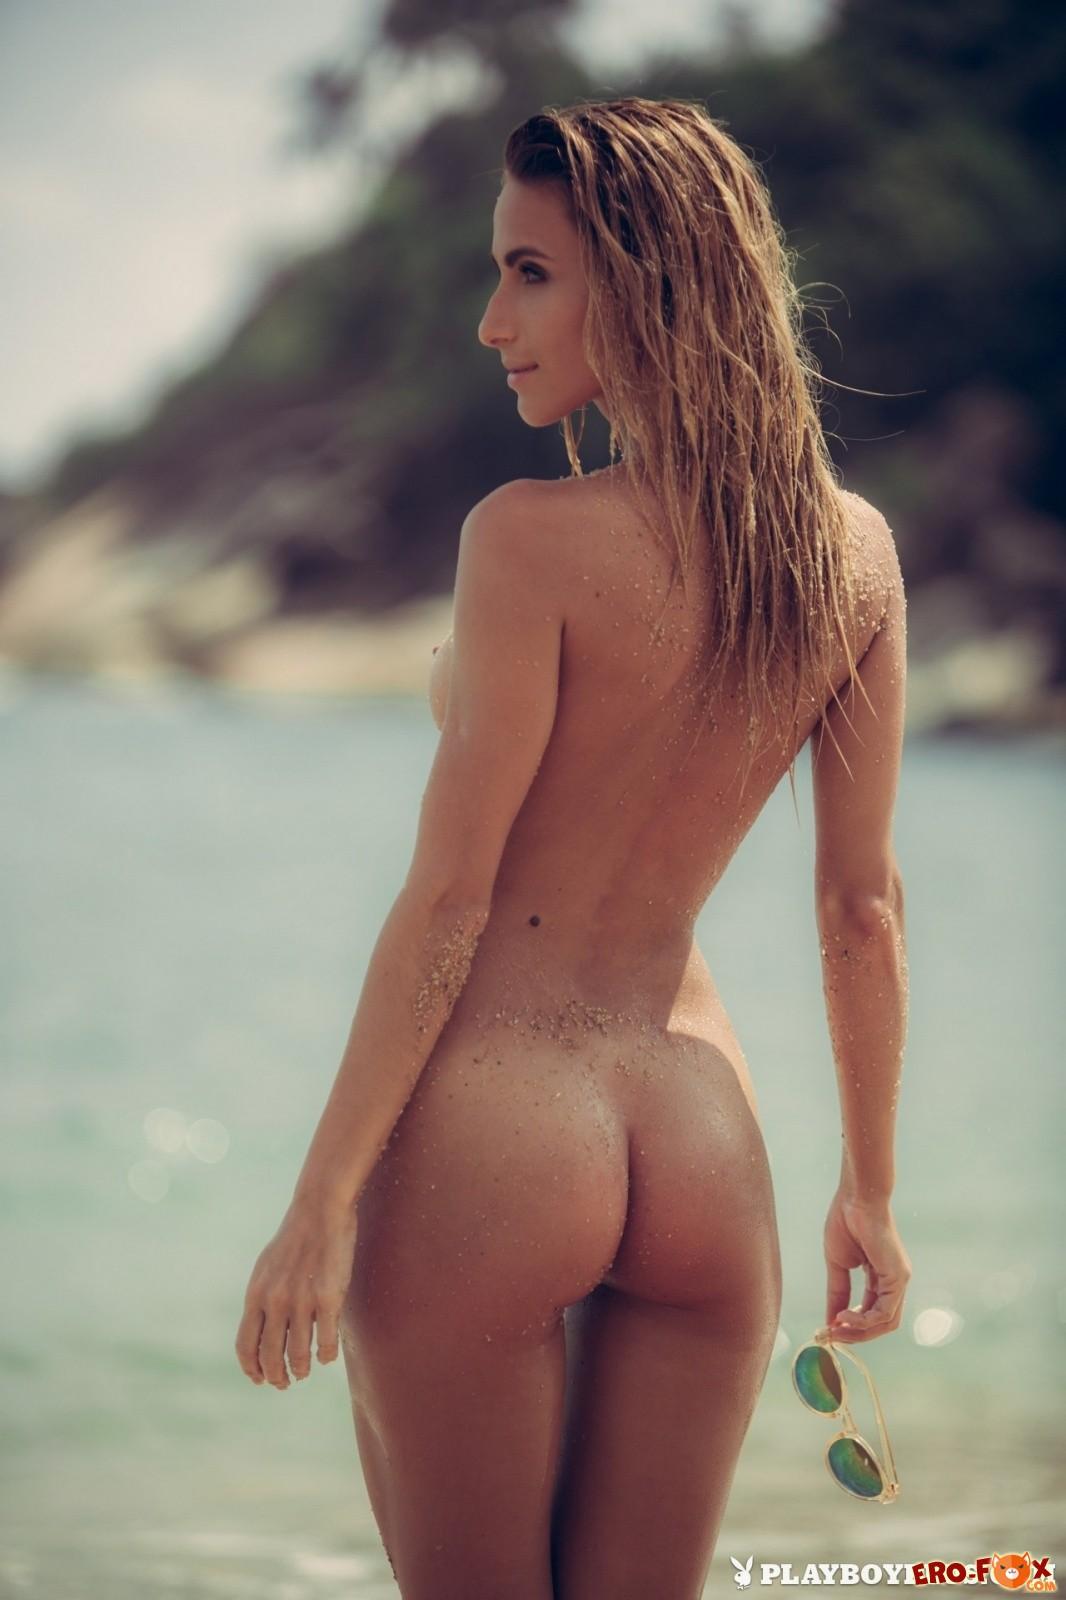 Девушка похвасталась упругими титьками на пляже - красивая эротика!